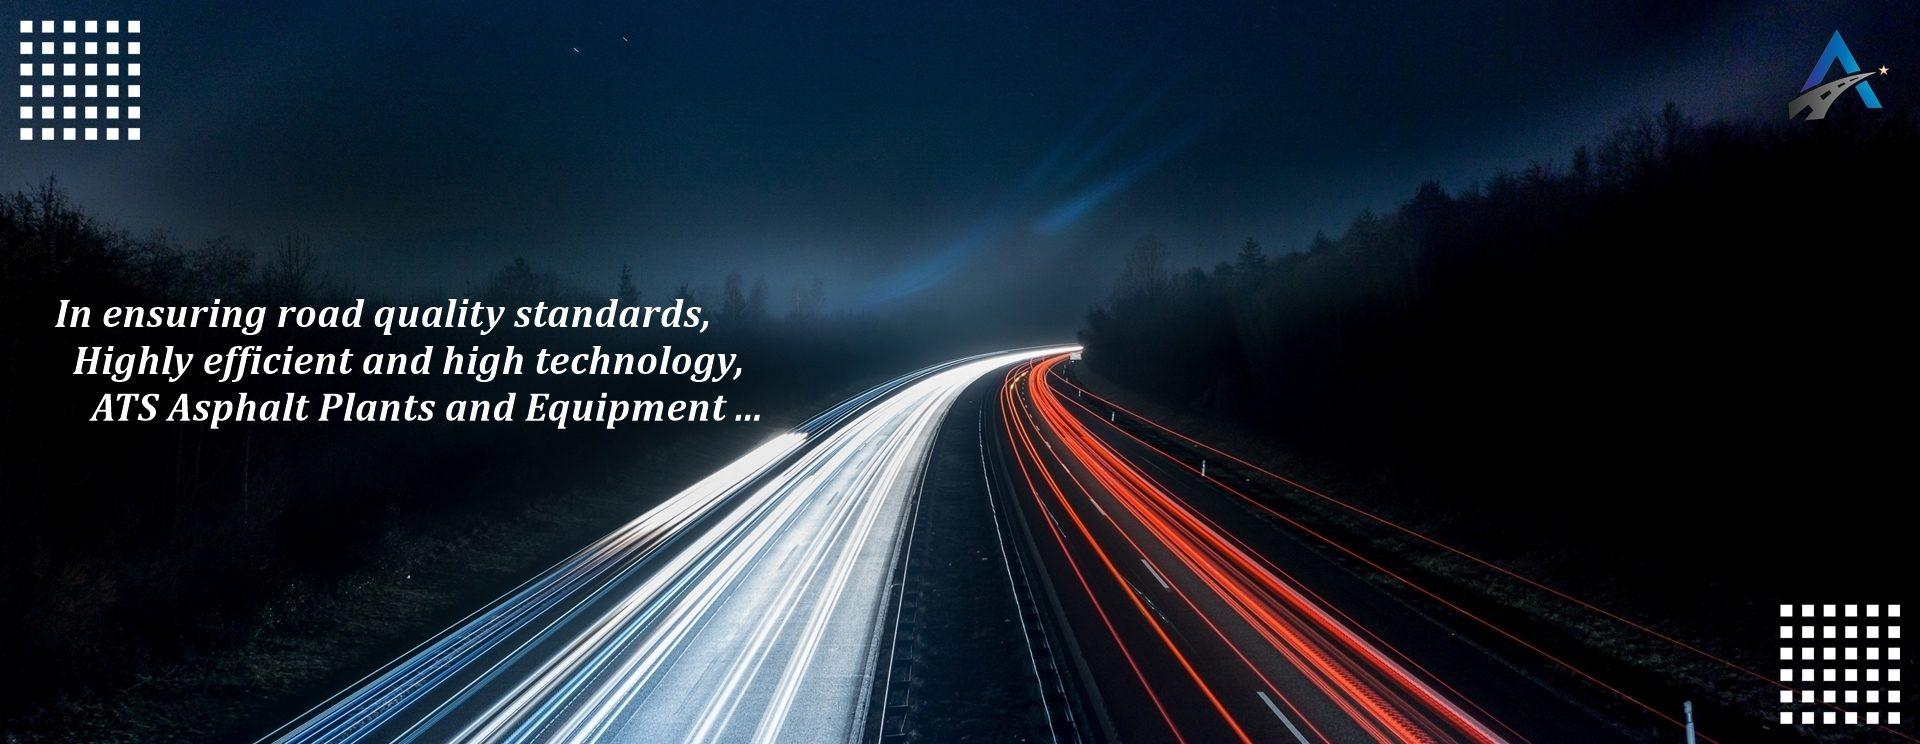 ATS Asphalt Technology Industry 3